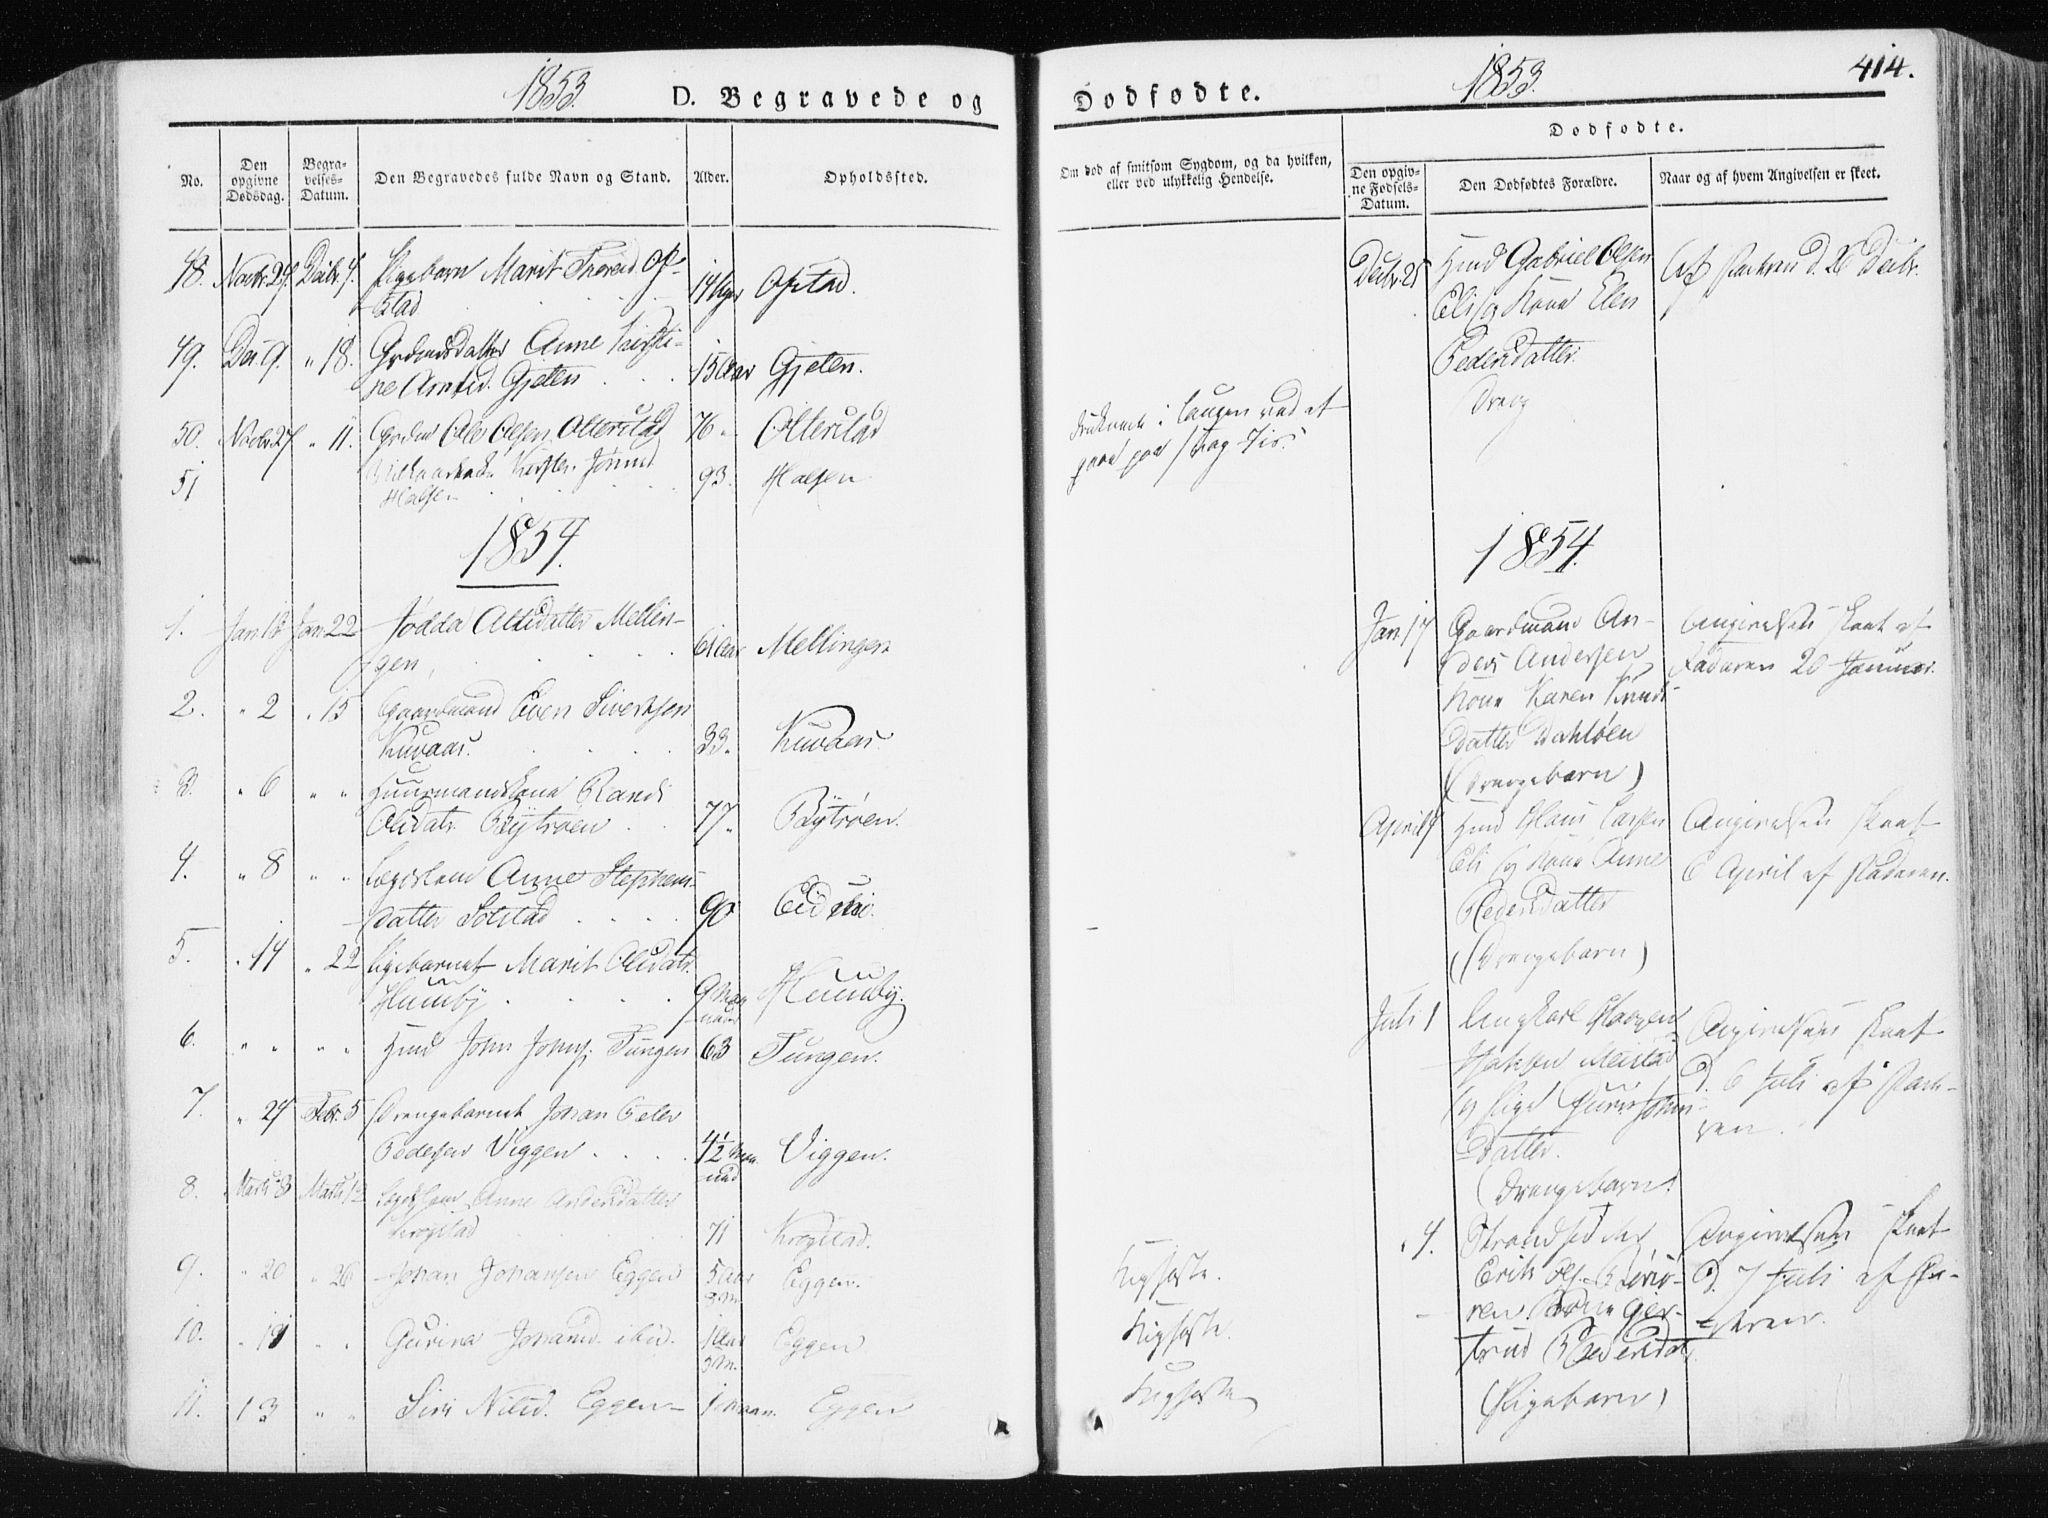 SAT, Ministerialprotokoller, klokkerbøker og fødselsregistre - Sør-Trøndelag, 665/L0771: Ministerialbok nr. 665A06, 1830-1856, s. 414